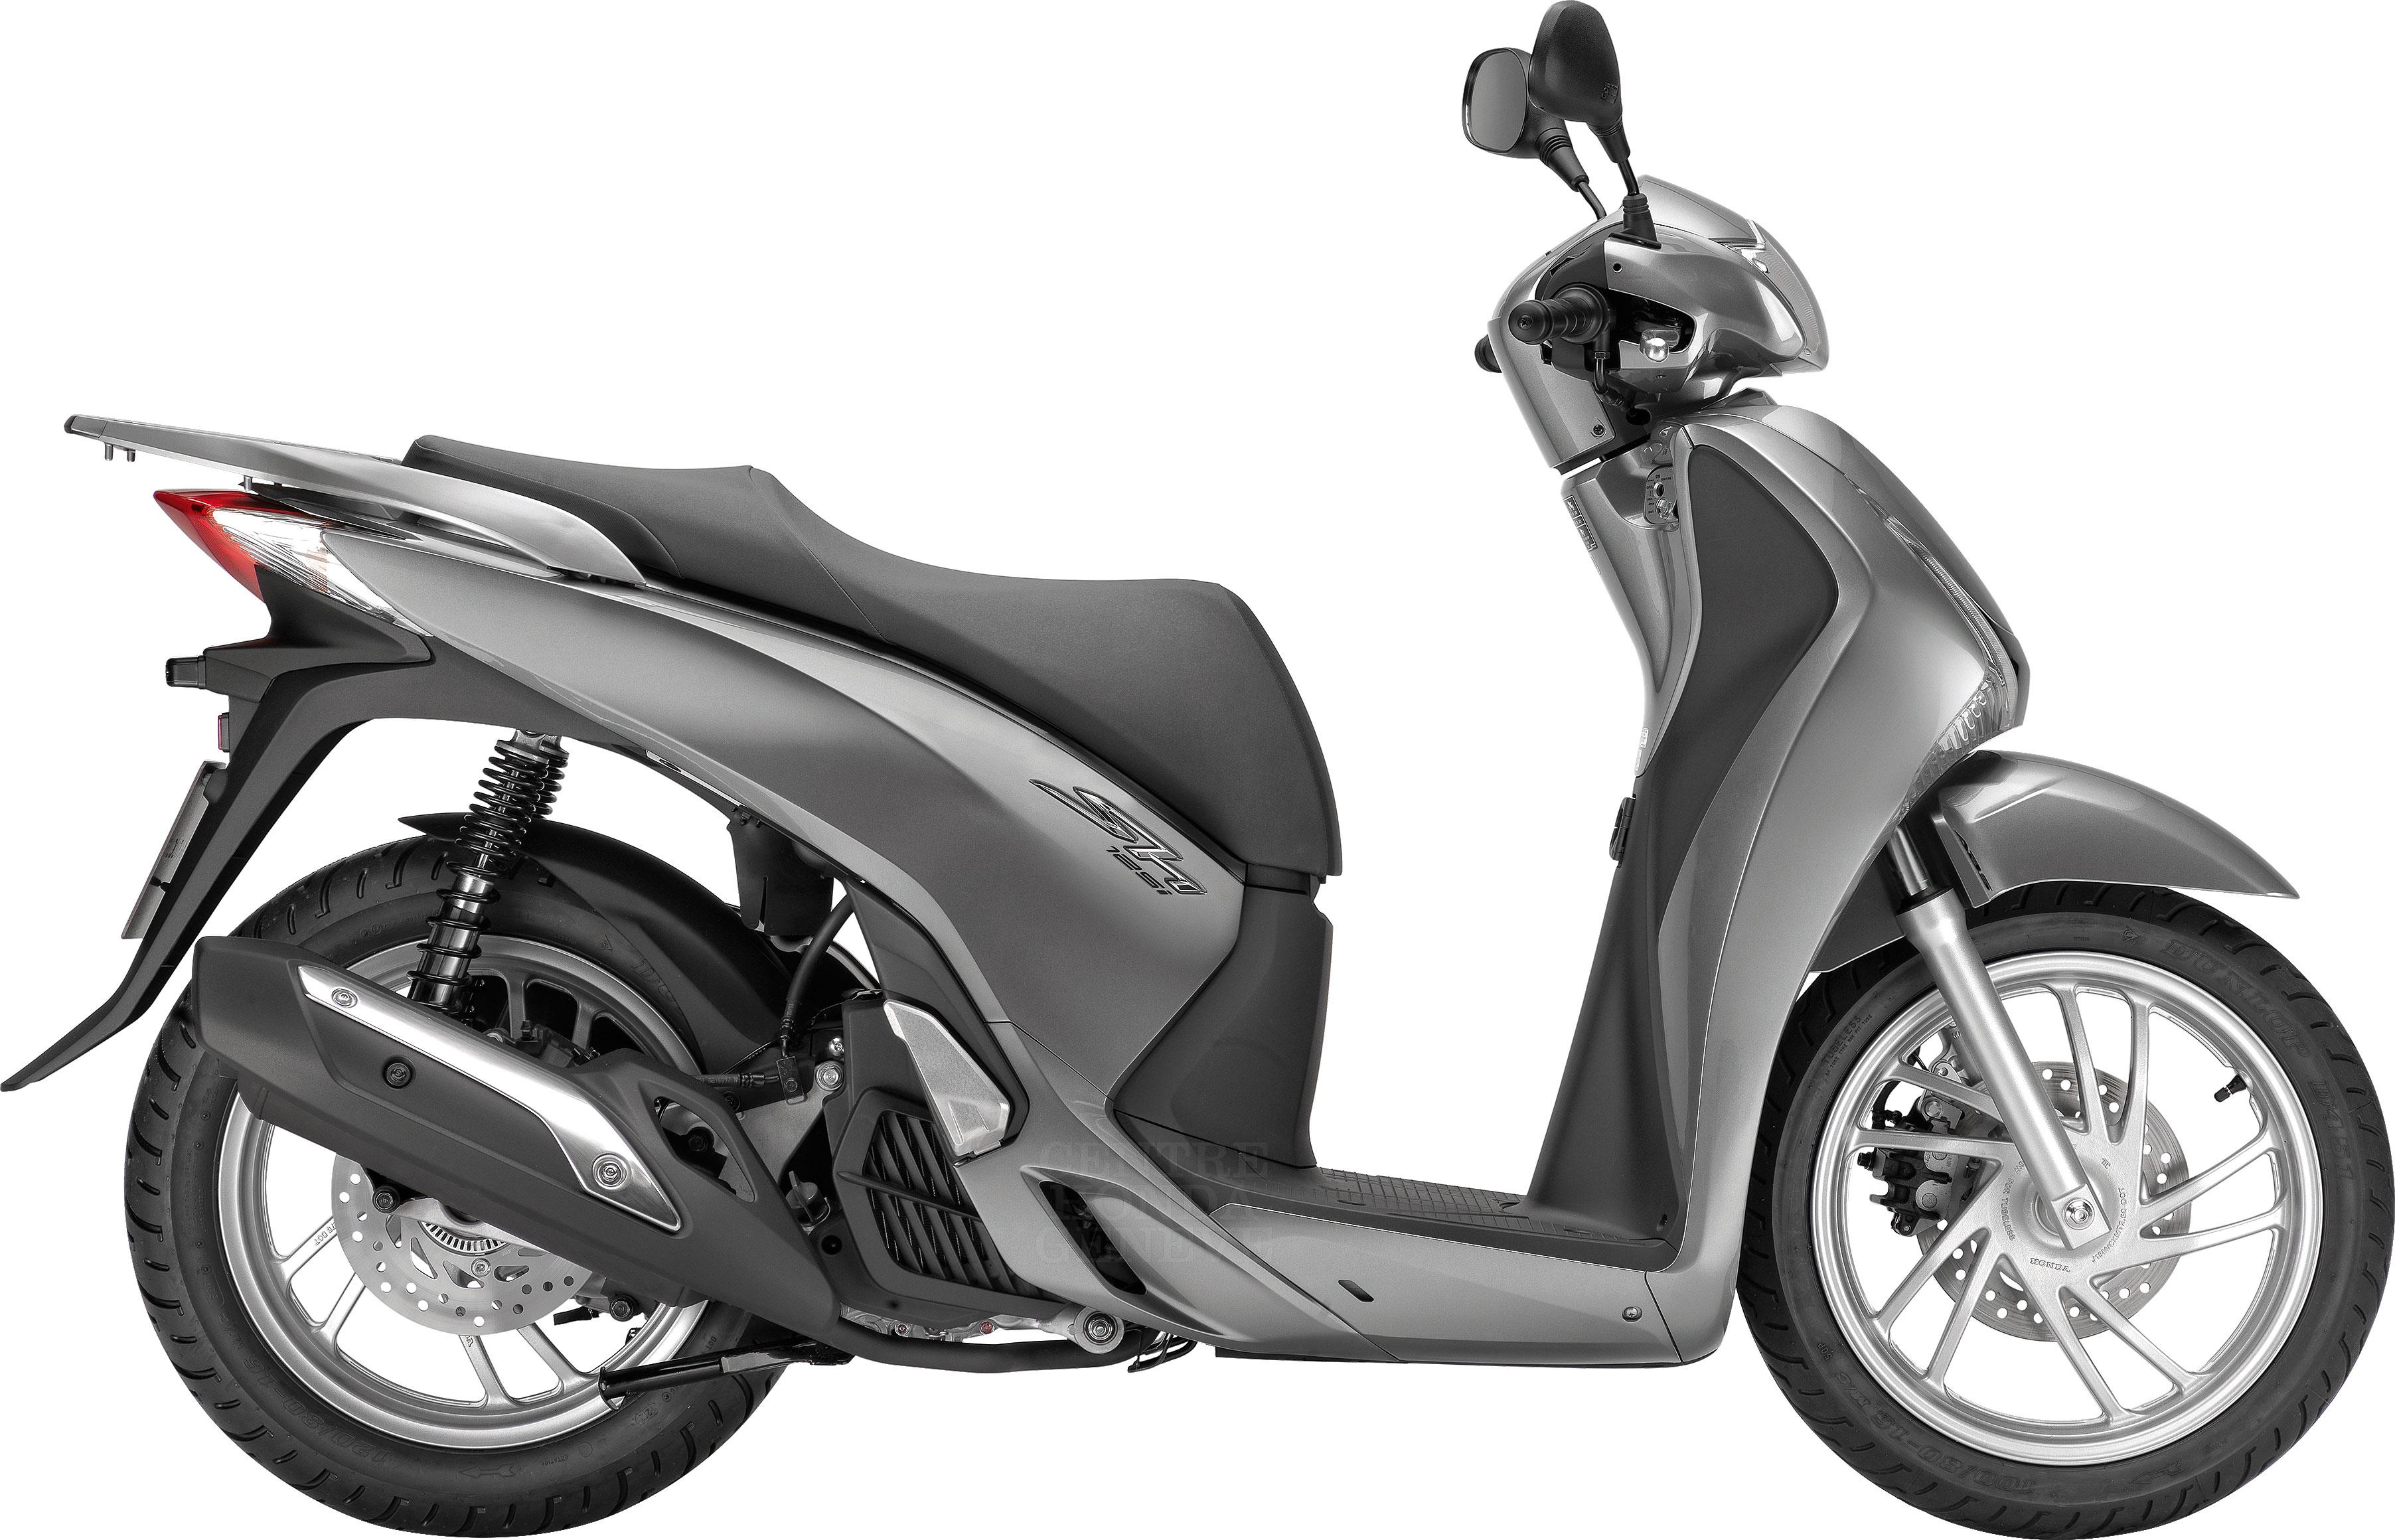 Honda SH là chiếc xe tay ga hạng sang bán chạy nhất thị trường Việt. Ảnh: Honda